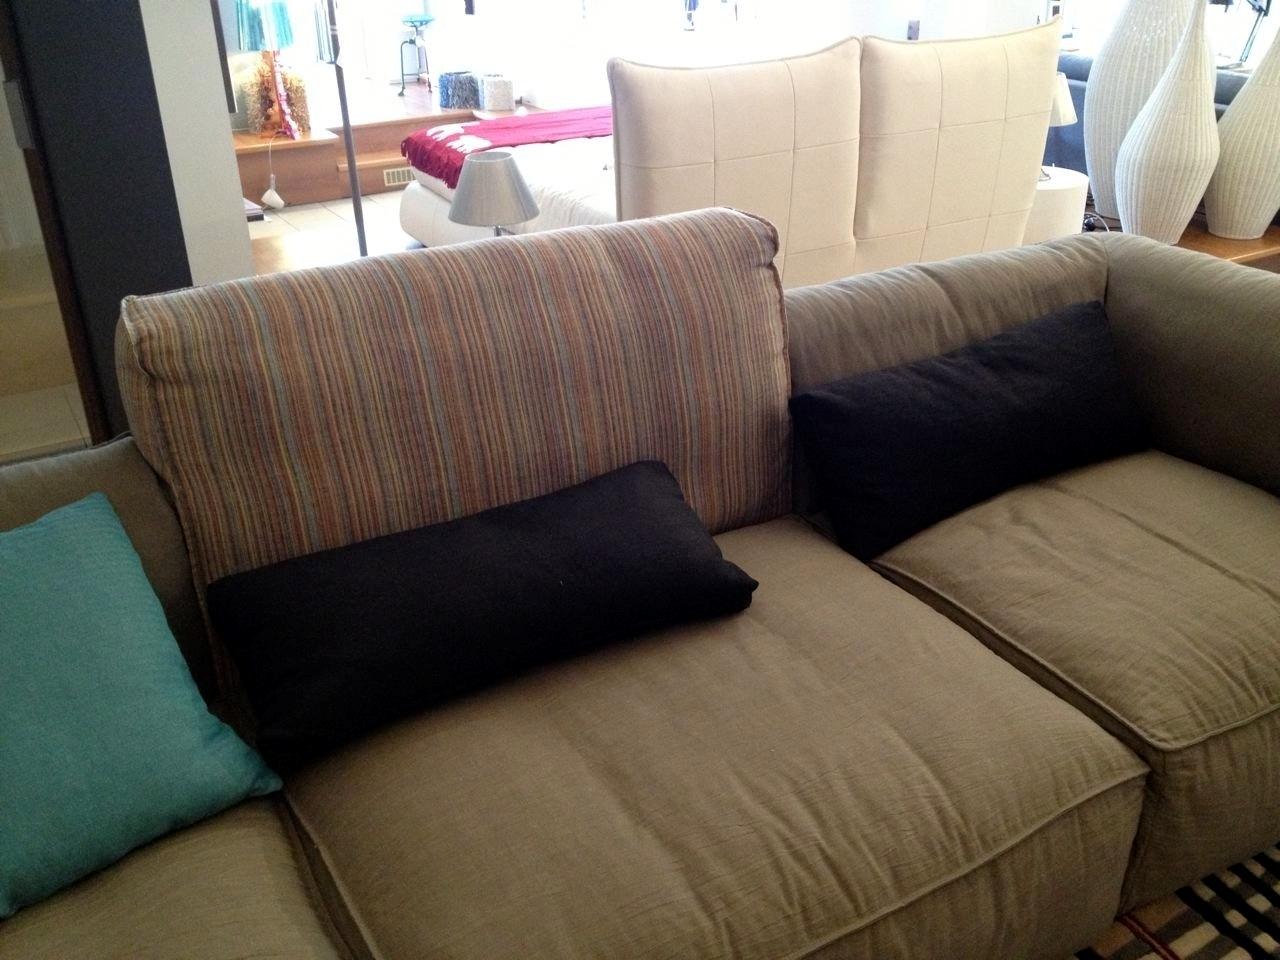 Divano con penisola in tessuto scontato del 40 divani a prezzi scontati - Divano con penisola ...